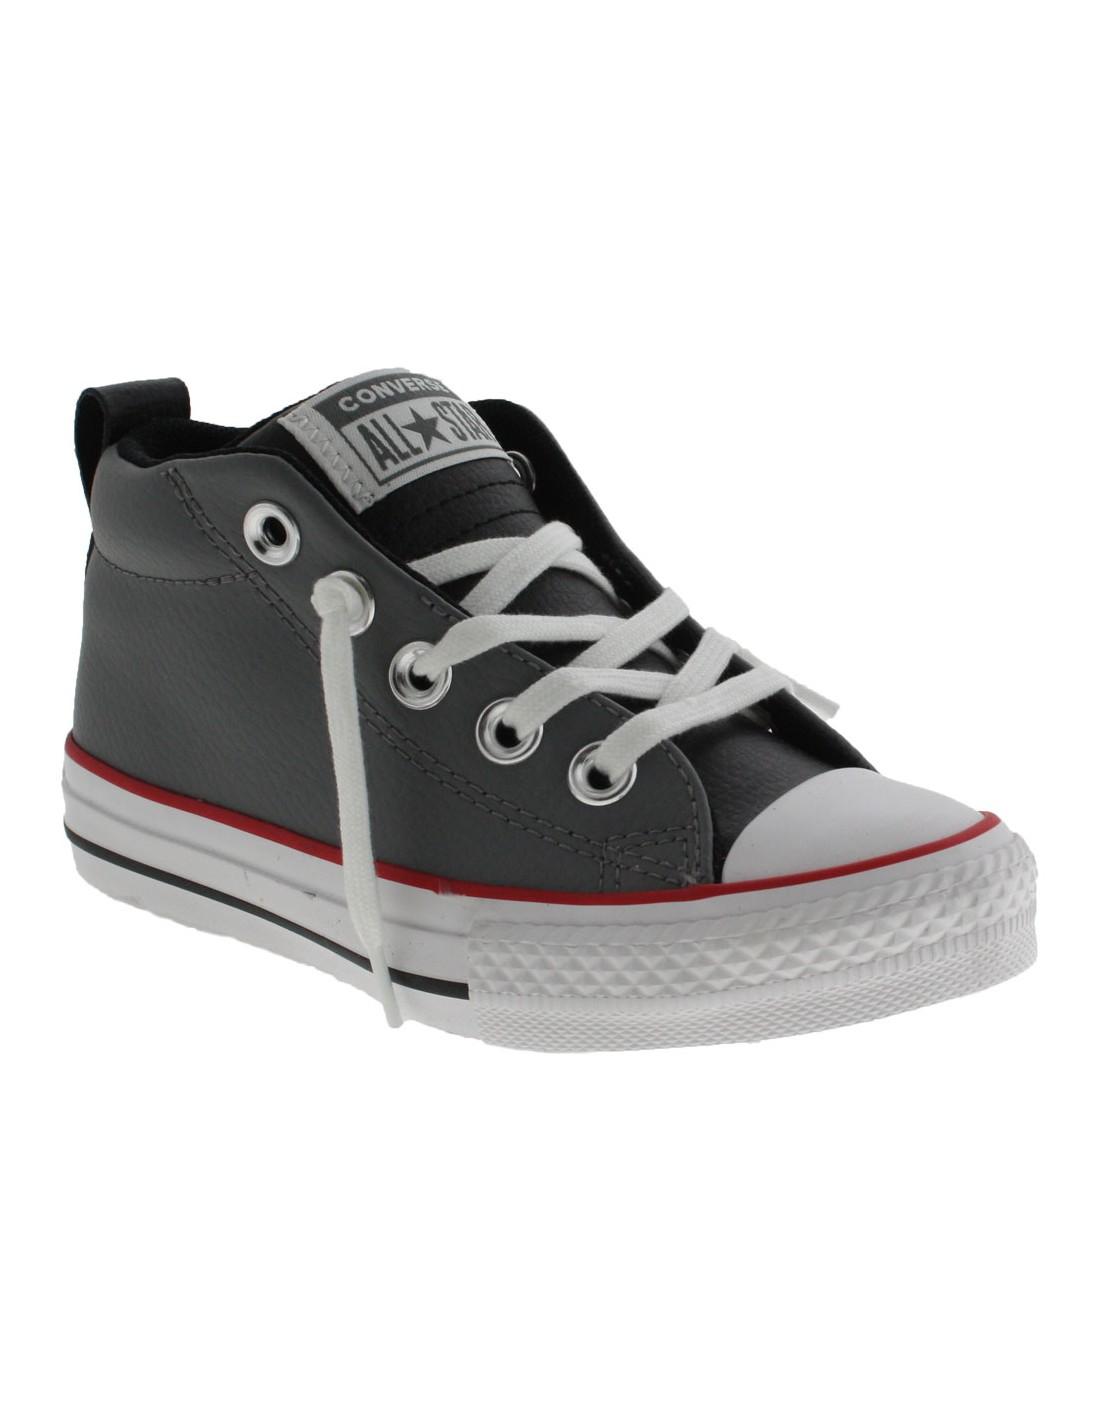 Scarpe Converse Ct as street mid bambino grigio scuro